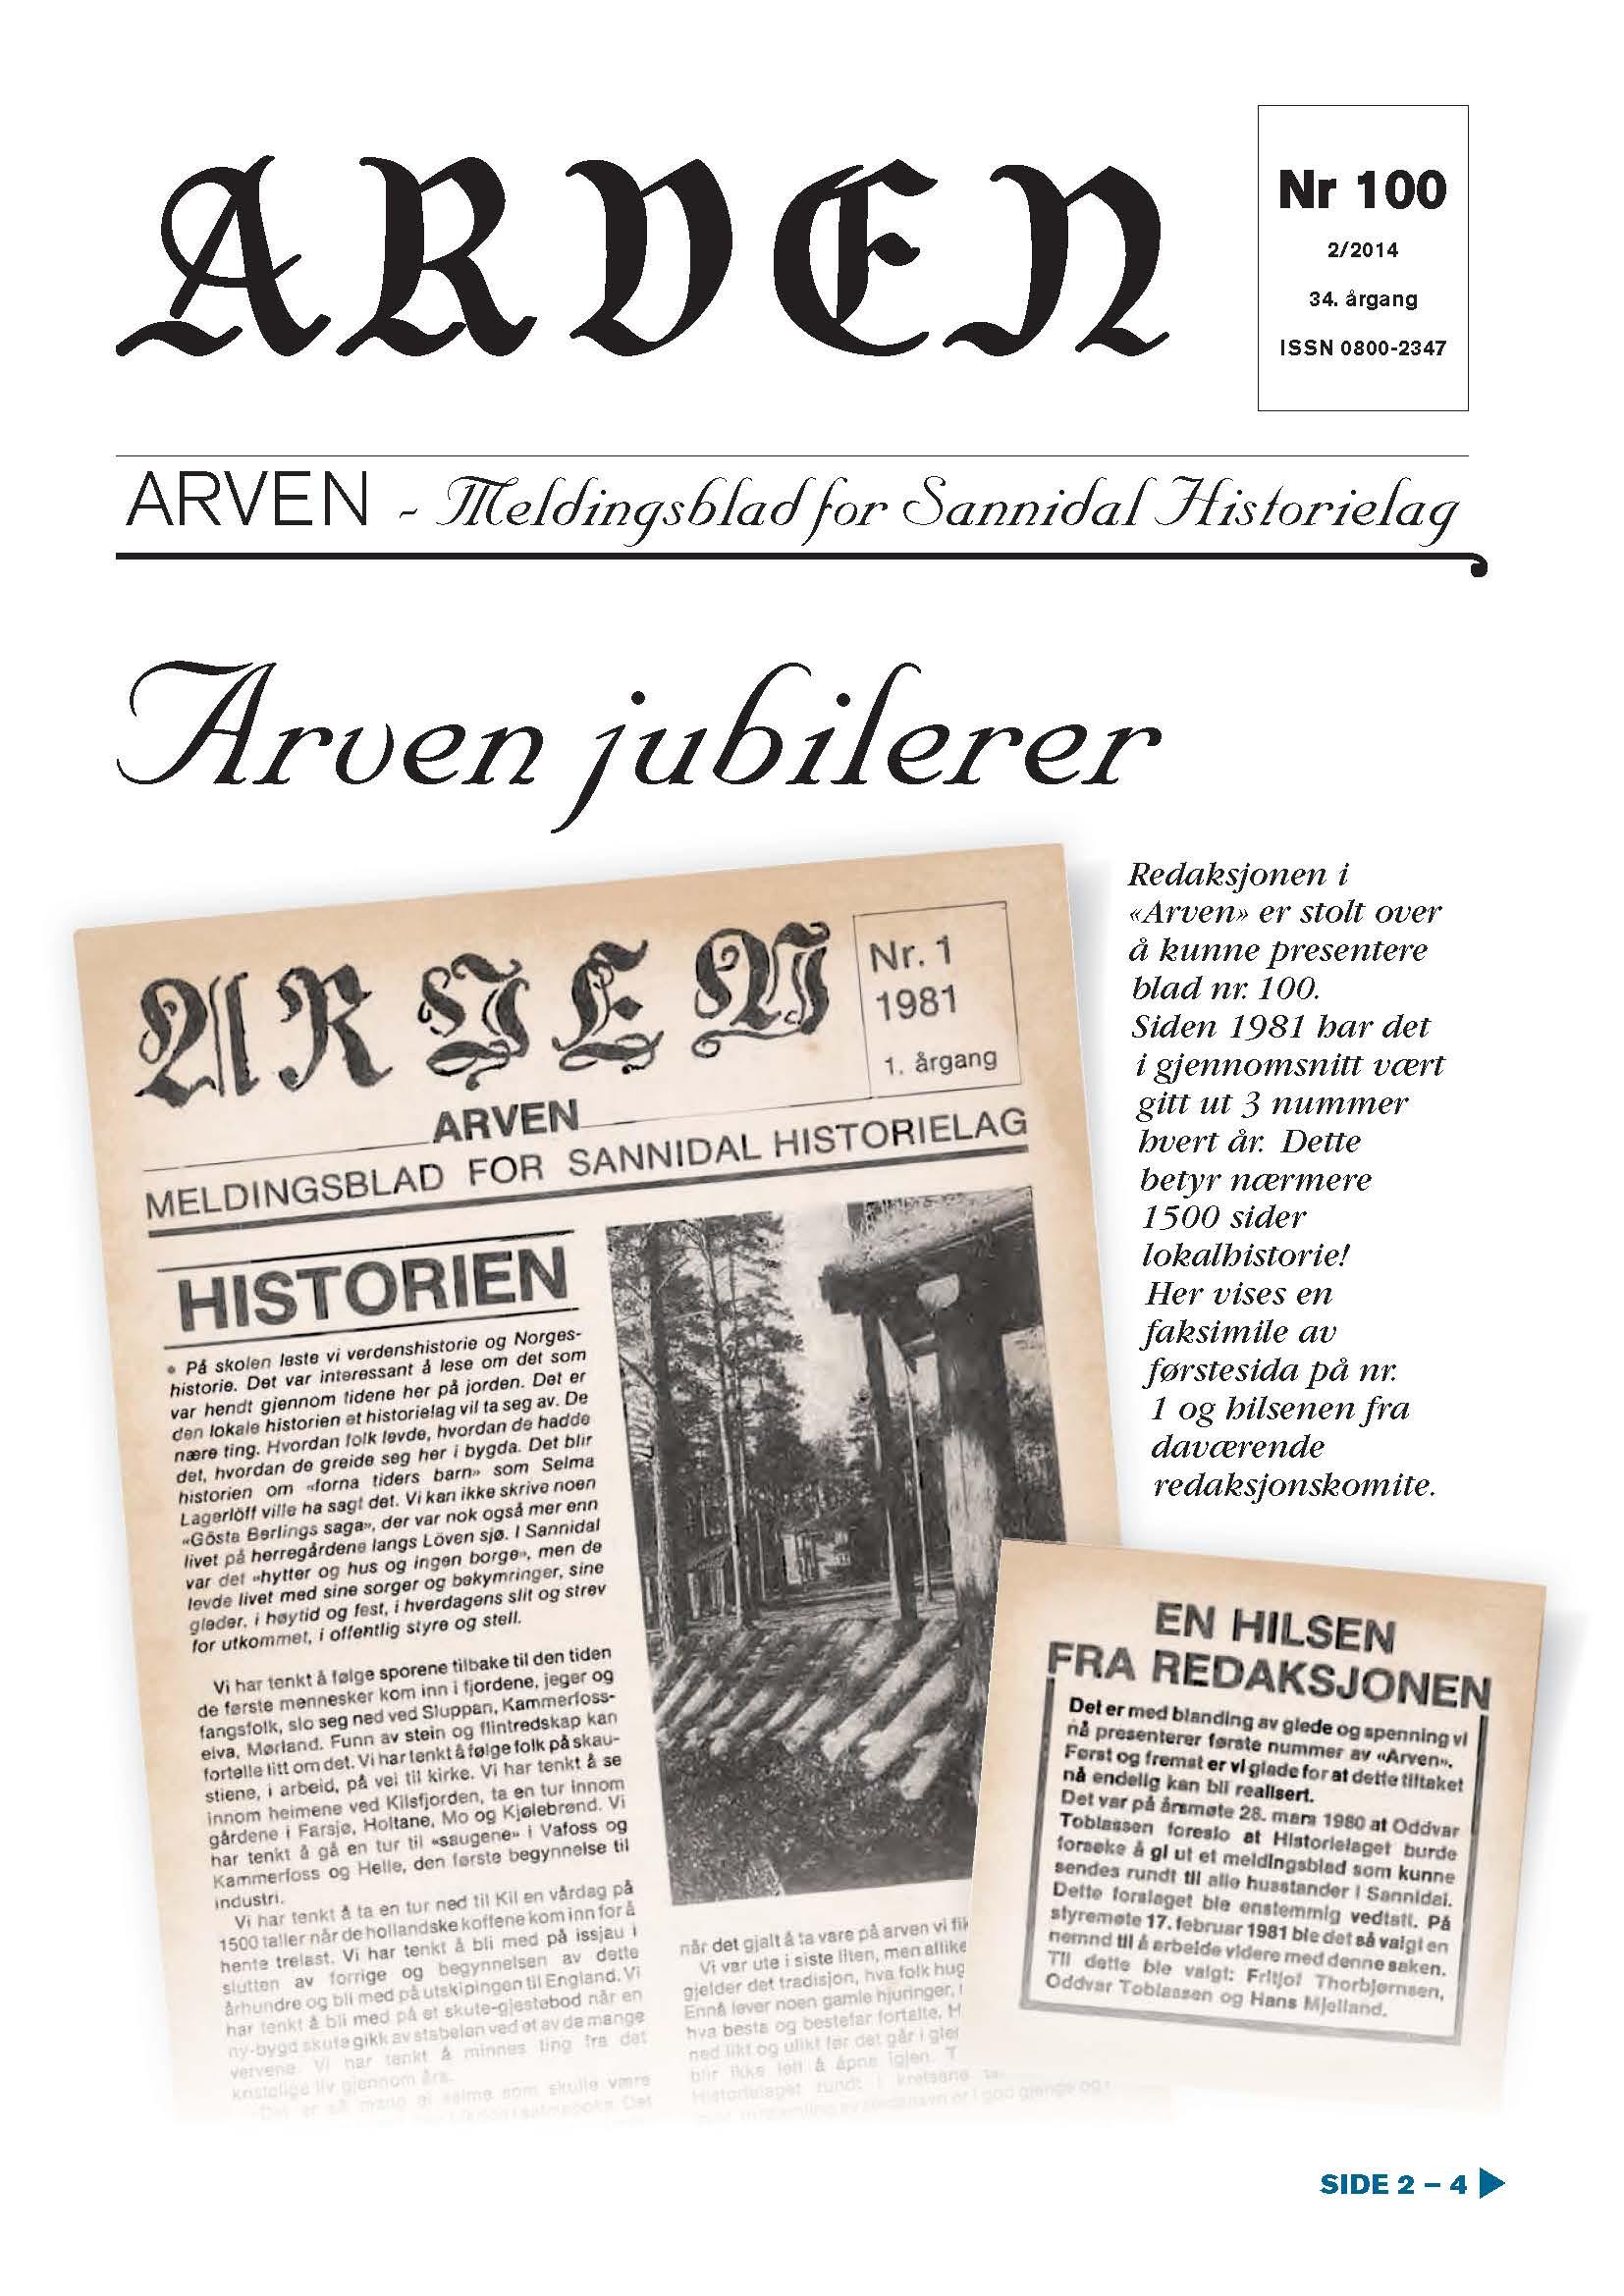 Arven nr. 100 publisert